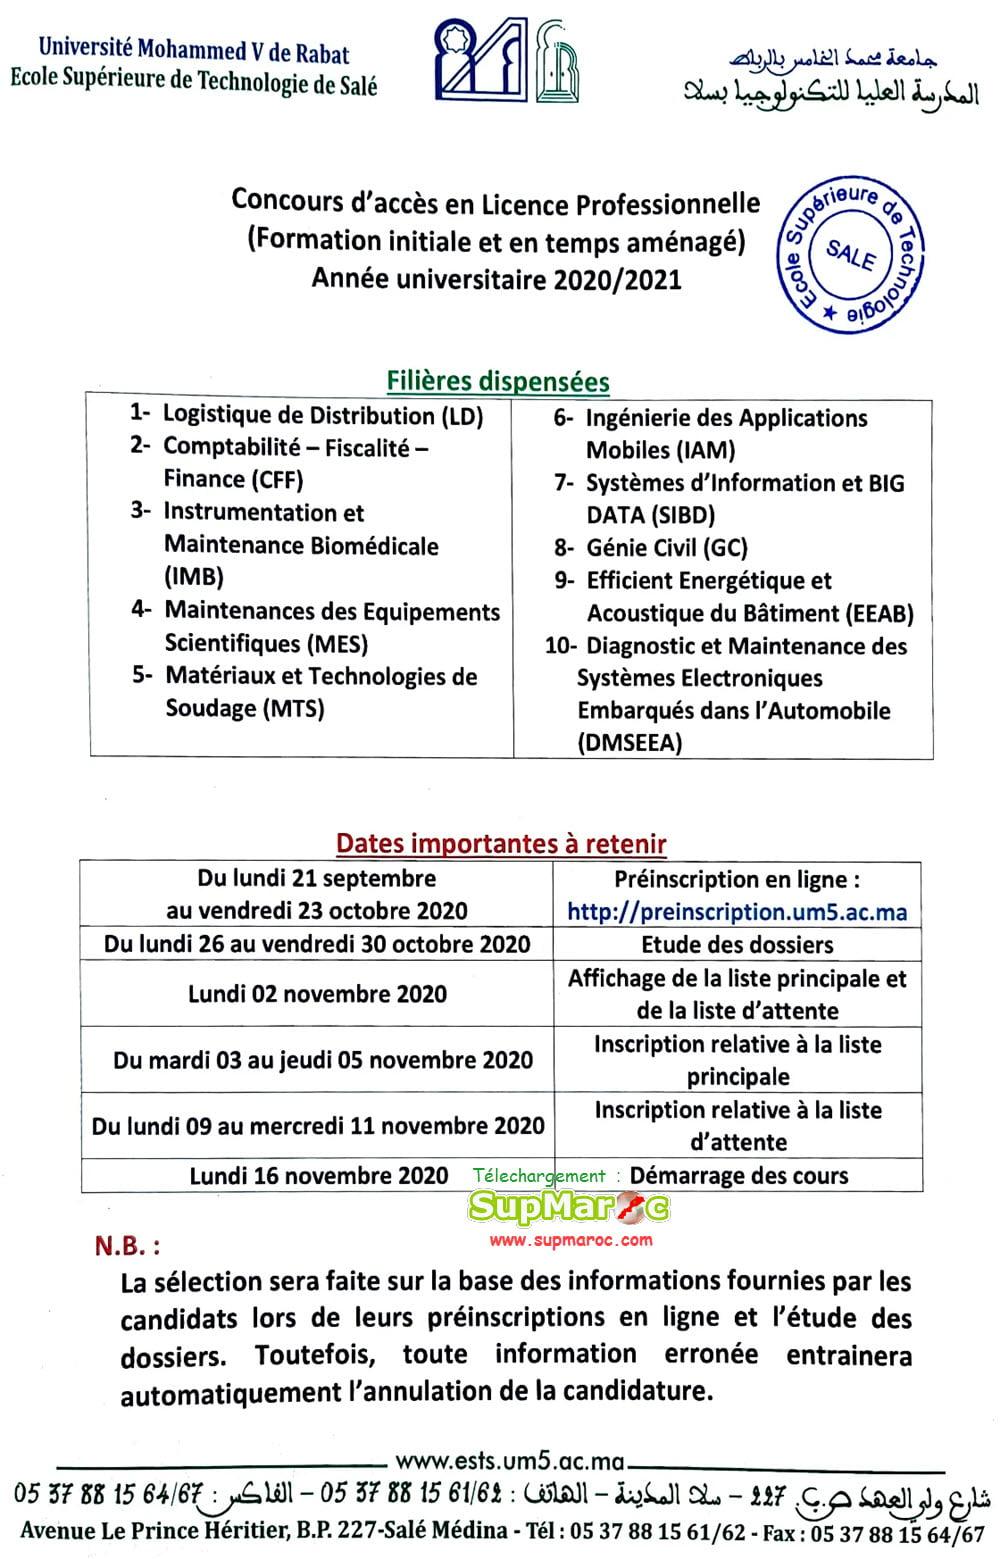 EST Salé Concours lp  Licence Professionnelle 2020 2021